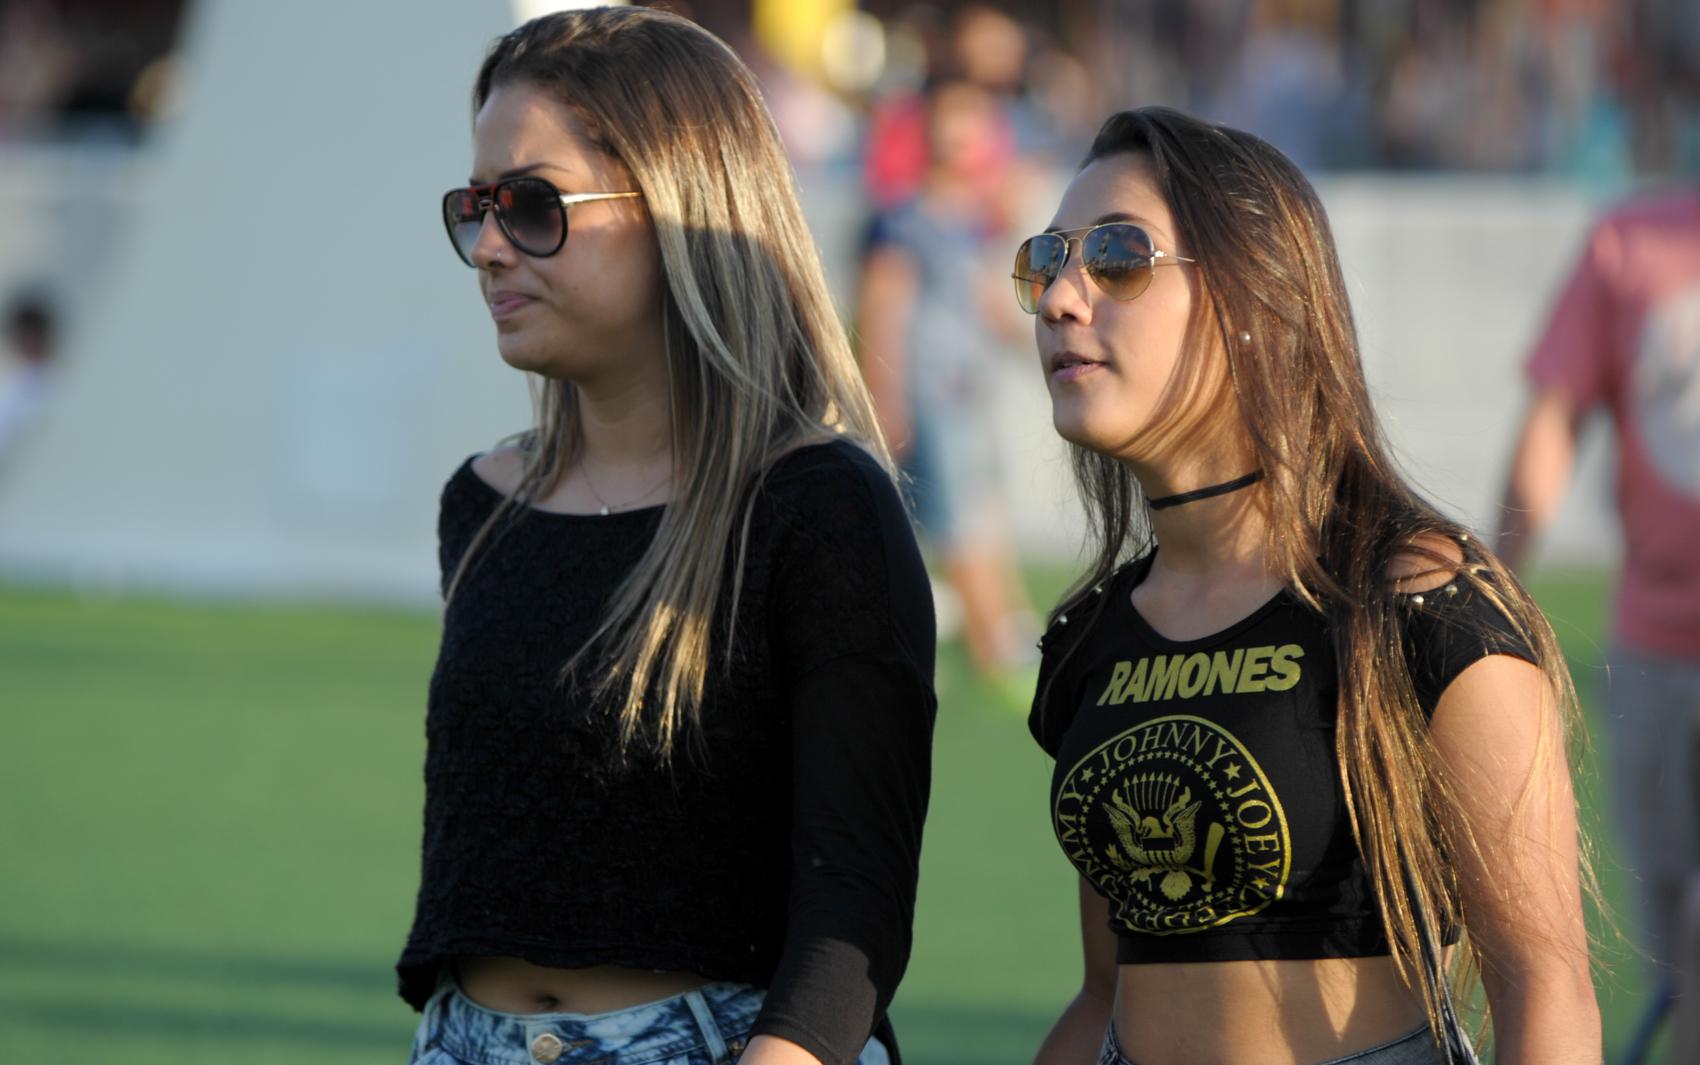 Jovens caminham pela Cidade do Rock neste domingo (15), uma delas com camiseta dos Ramones